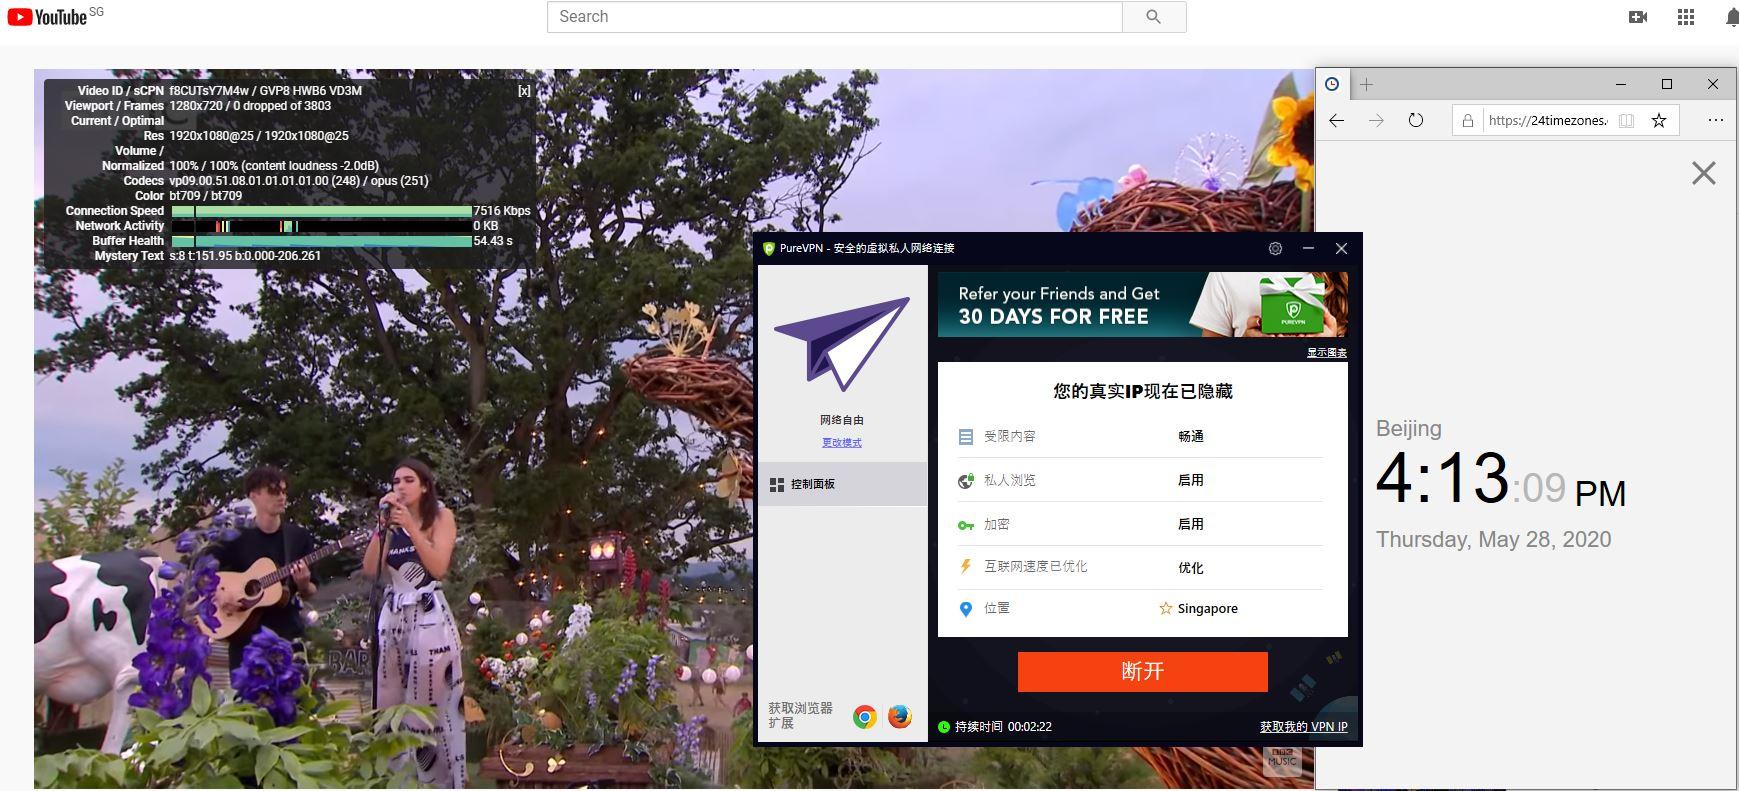 Windows10 PureVPN Singapore 中国VPN 翻墙 科学上网 测速-20200528